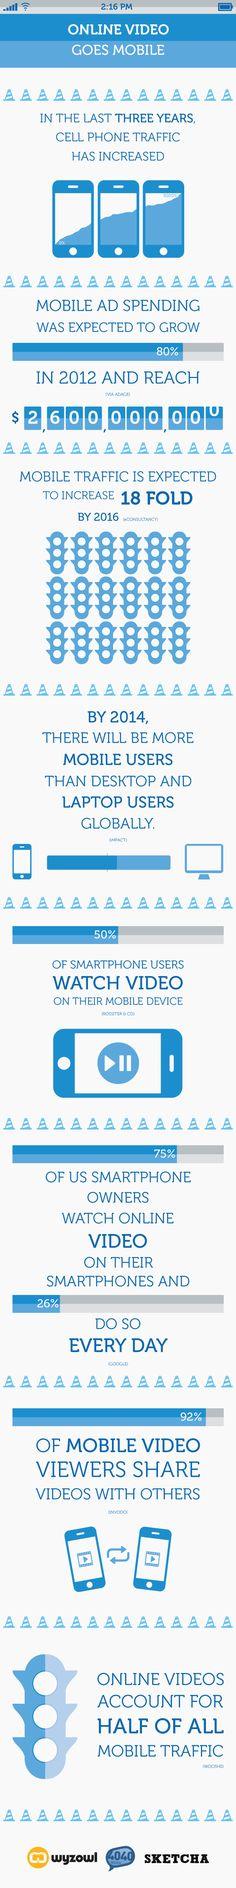 El vídeo online se hace móvil #infografia #infographic #marketing